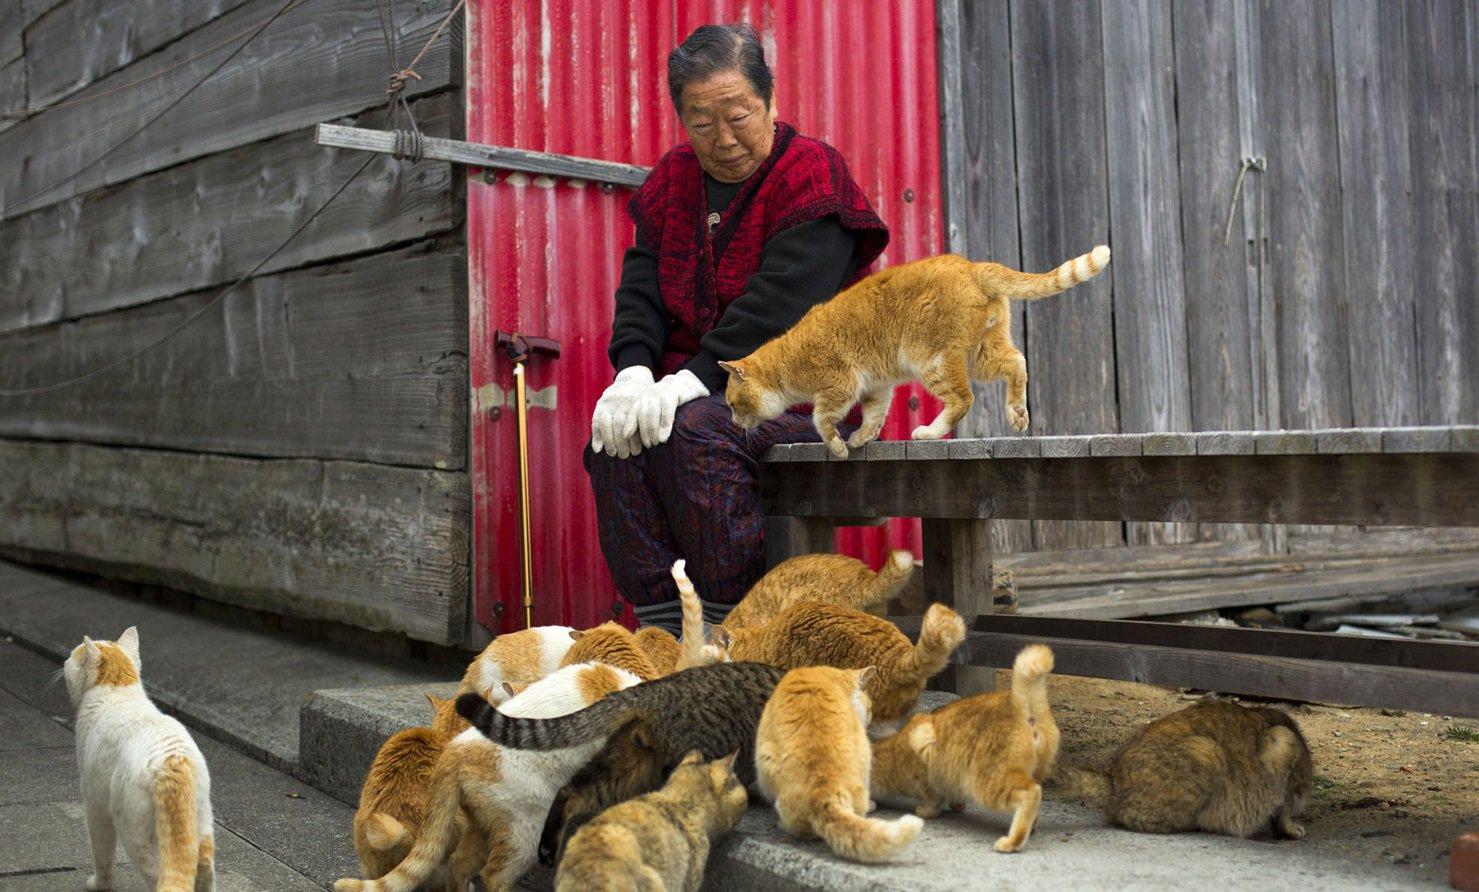 Os bichanos dominam: conheça a ilha japonesa invadida por gatos